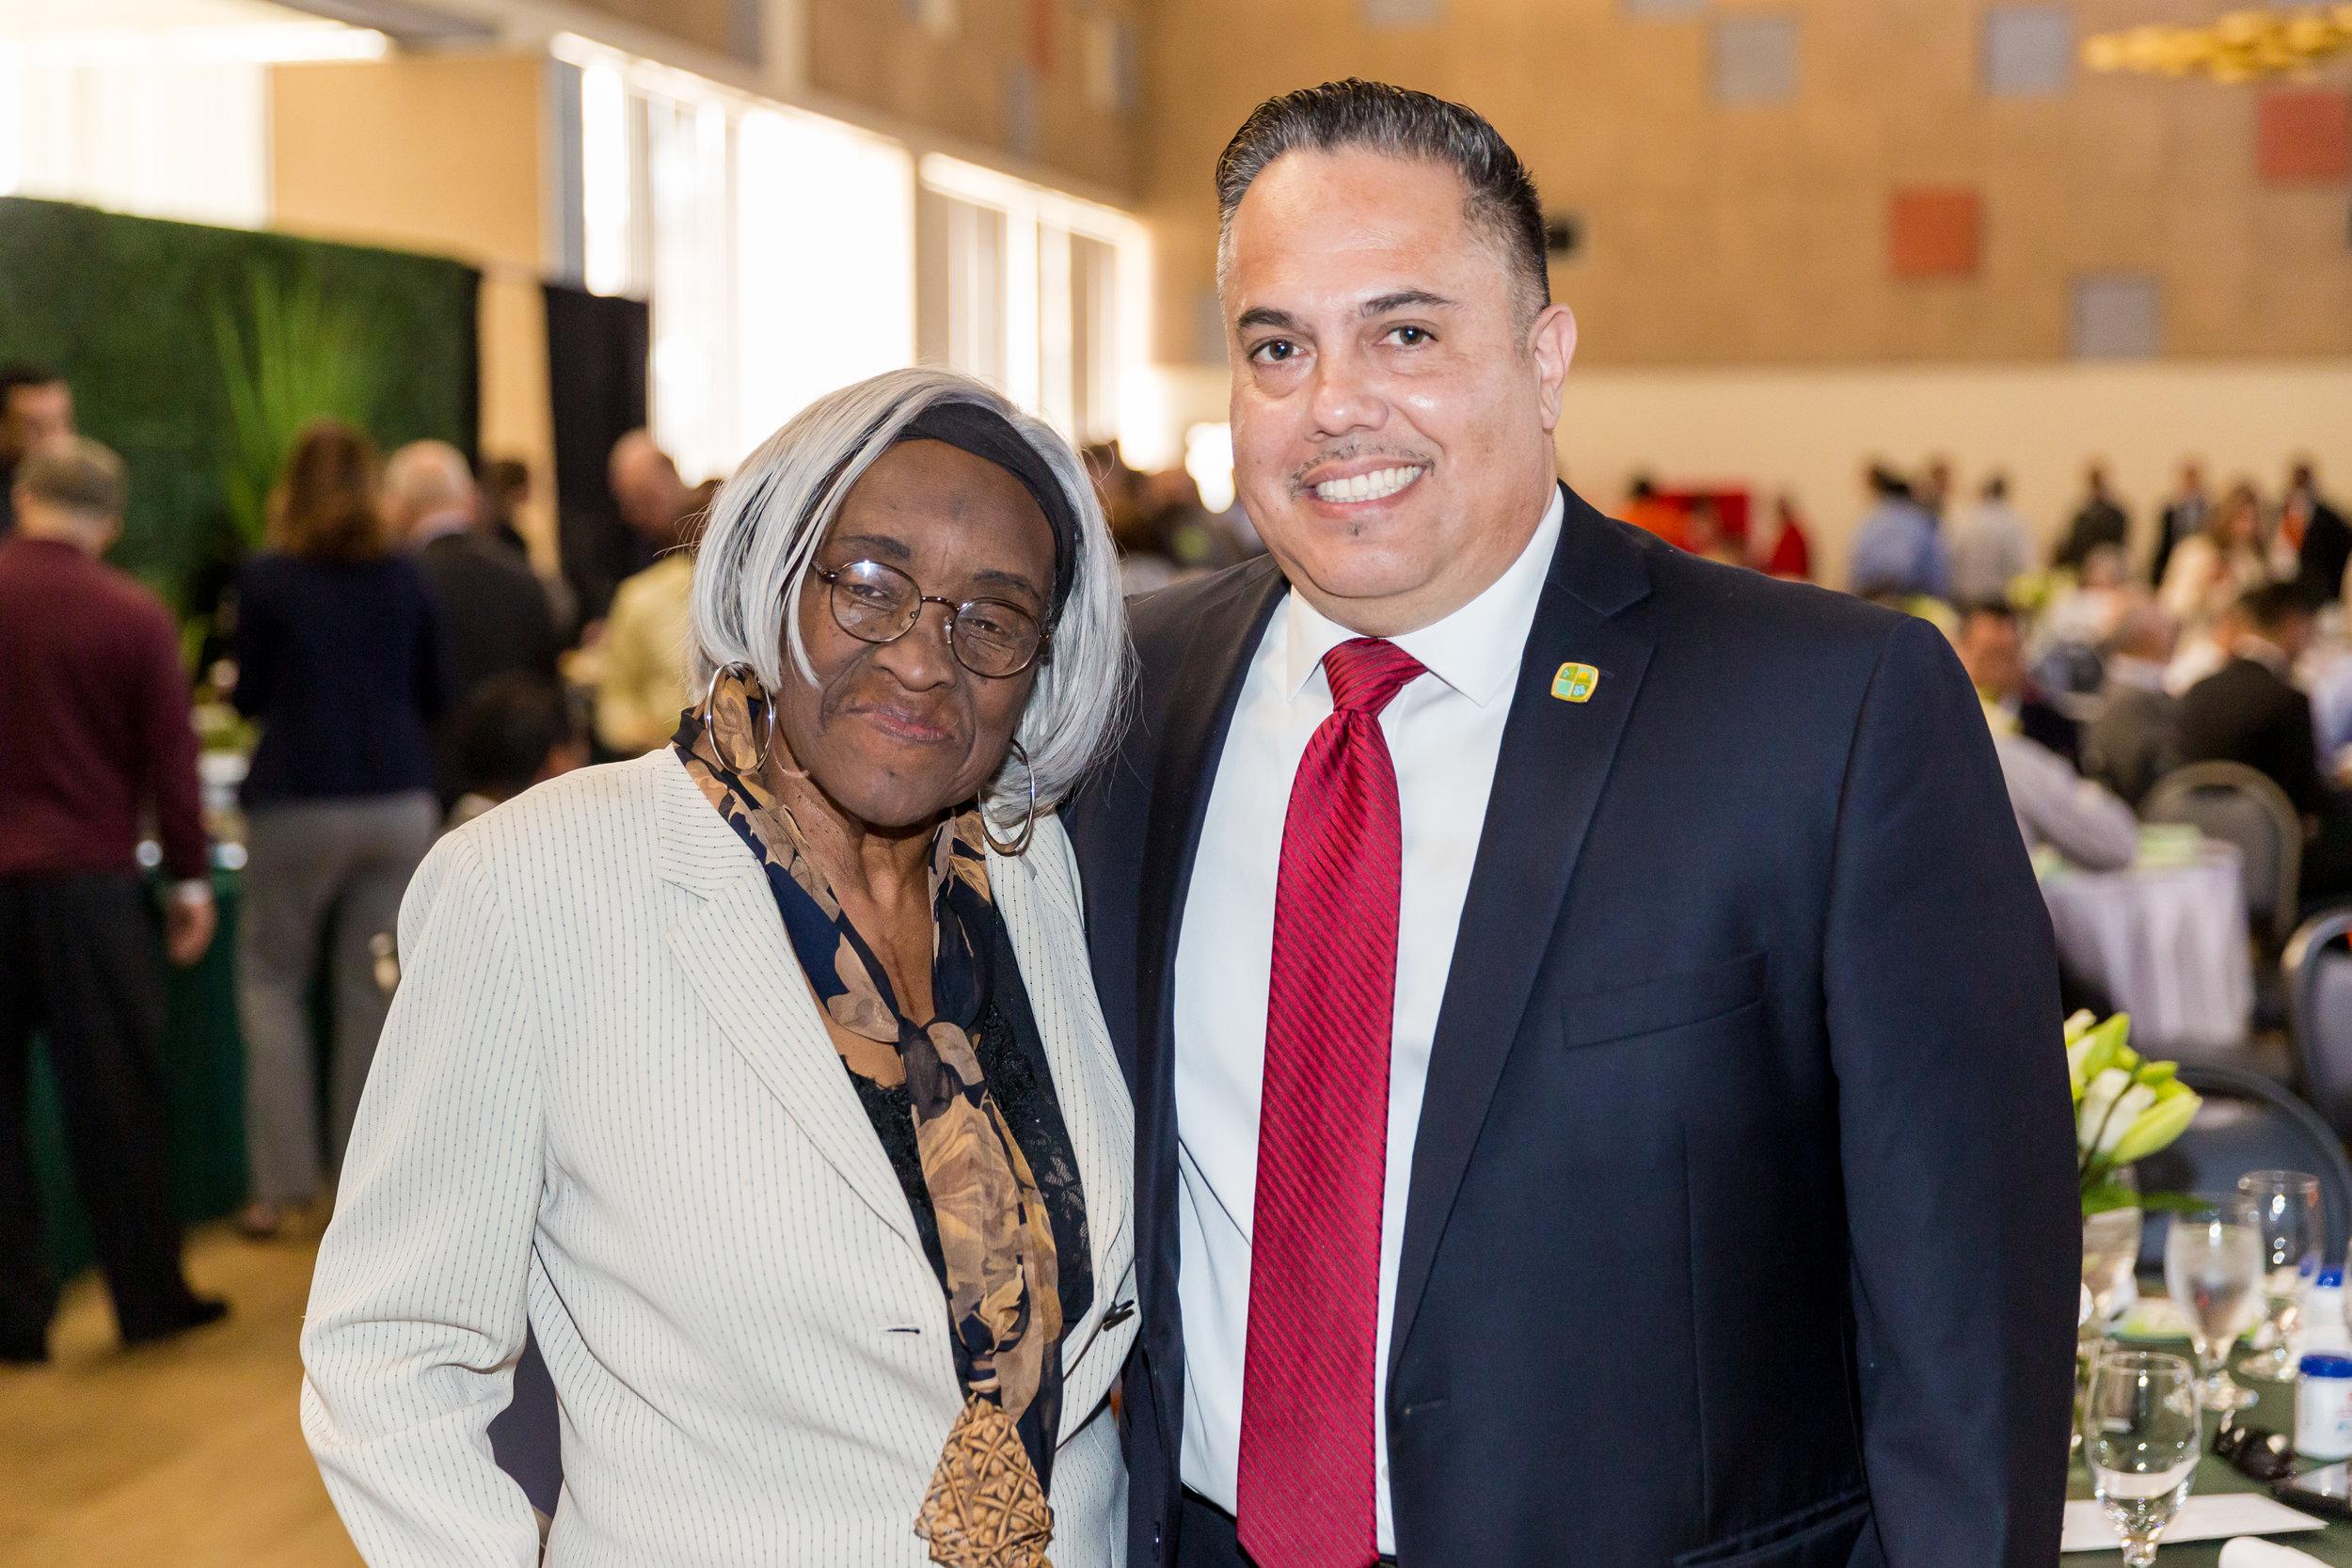 Mayor Vargas with Darlene Love